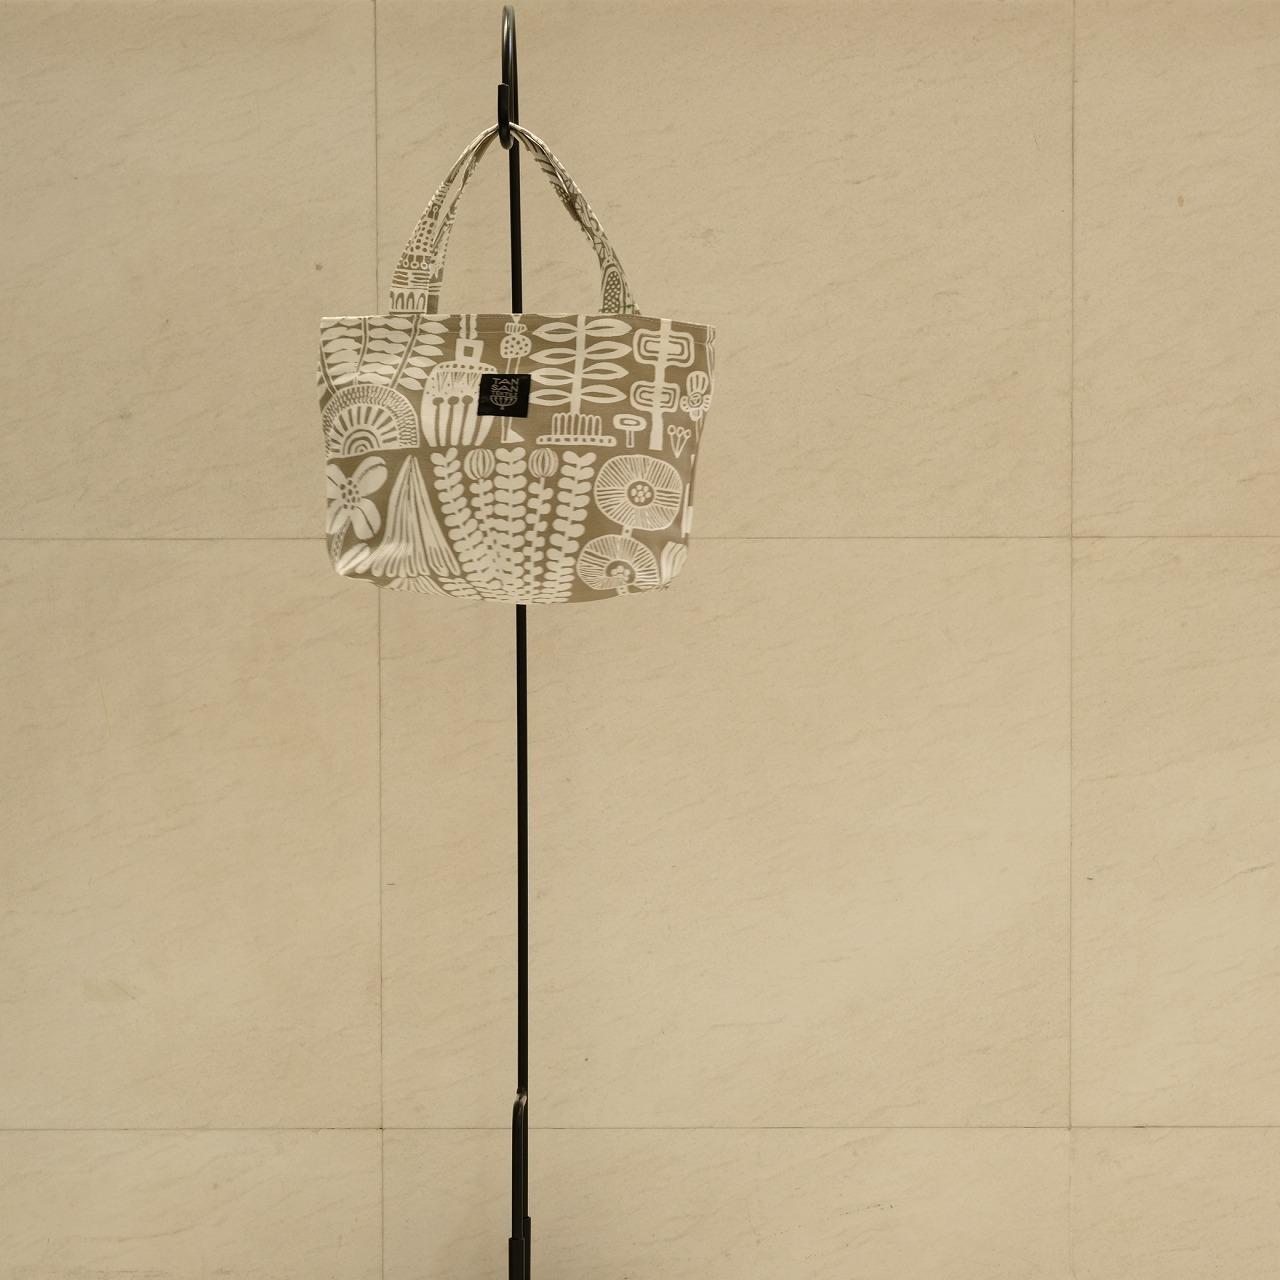 炭酸デザイン室 オンライン展示会 ランチトートバッグ_d0182409_17274881.jpg